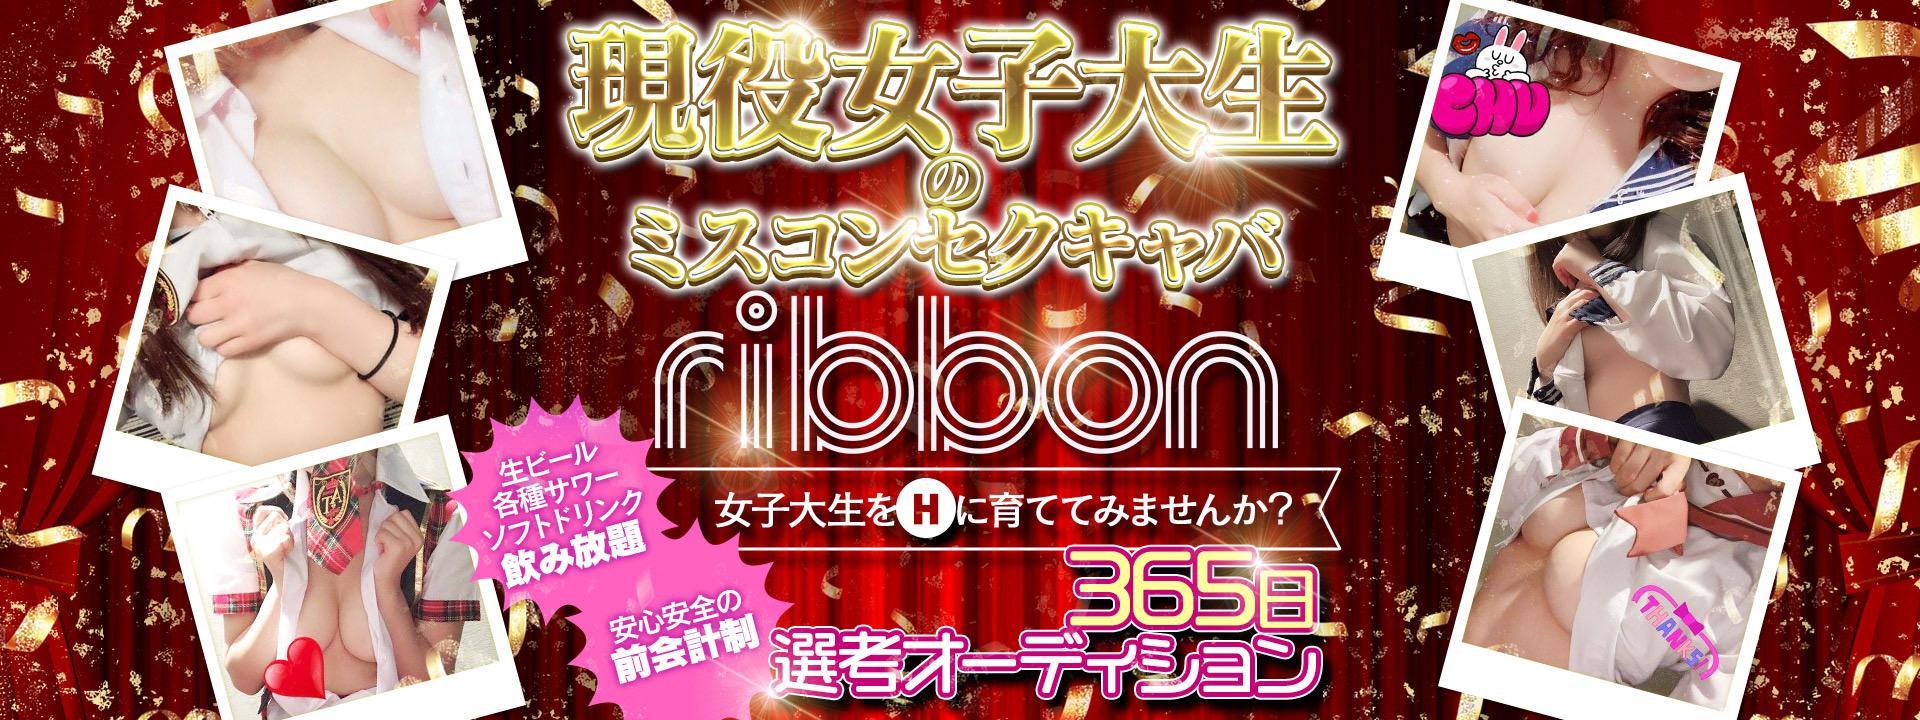 池袋セクシーキャバクラ『ribbon』